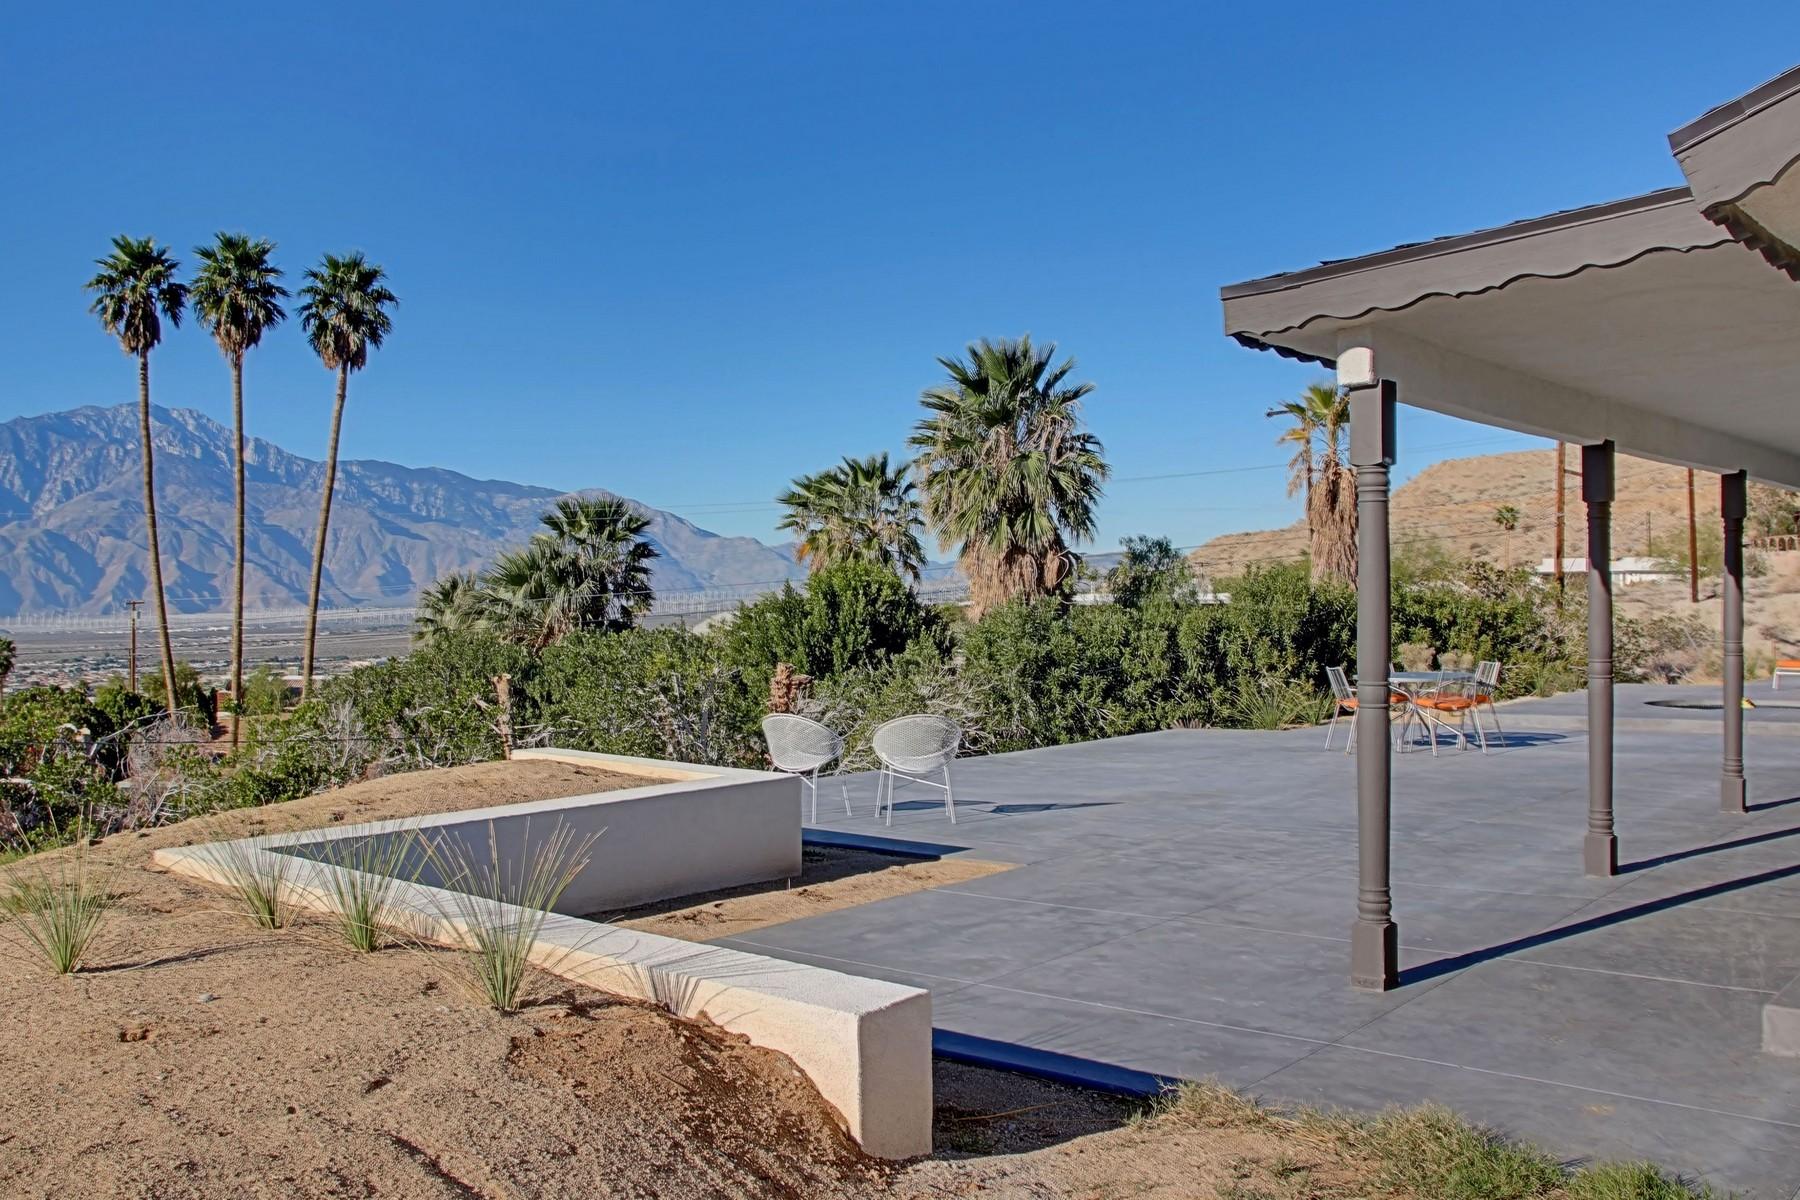 Single Family Home for Sale at Desert Hot Springs 12273 Spruce Street Desert Hot Springs, California 92240 United States